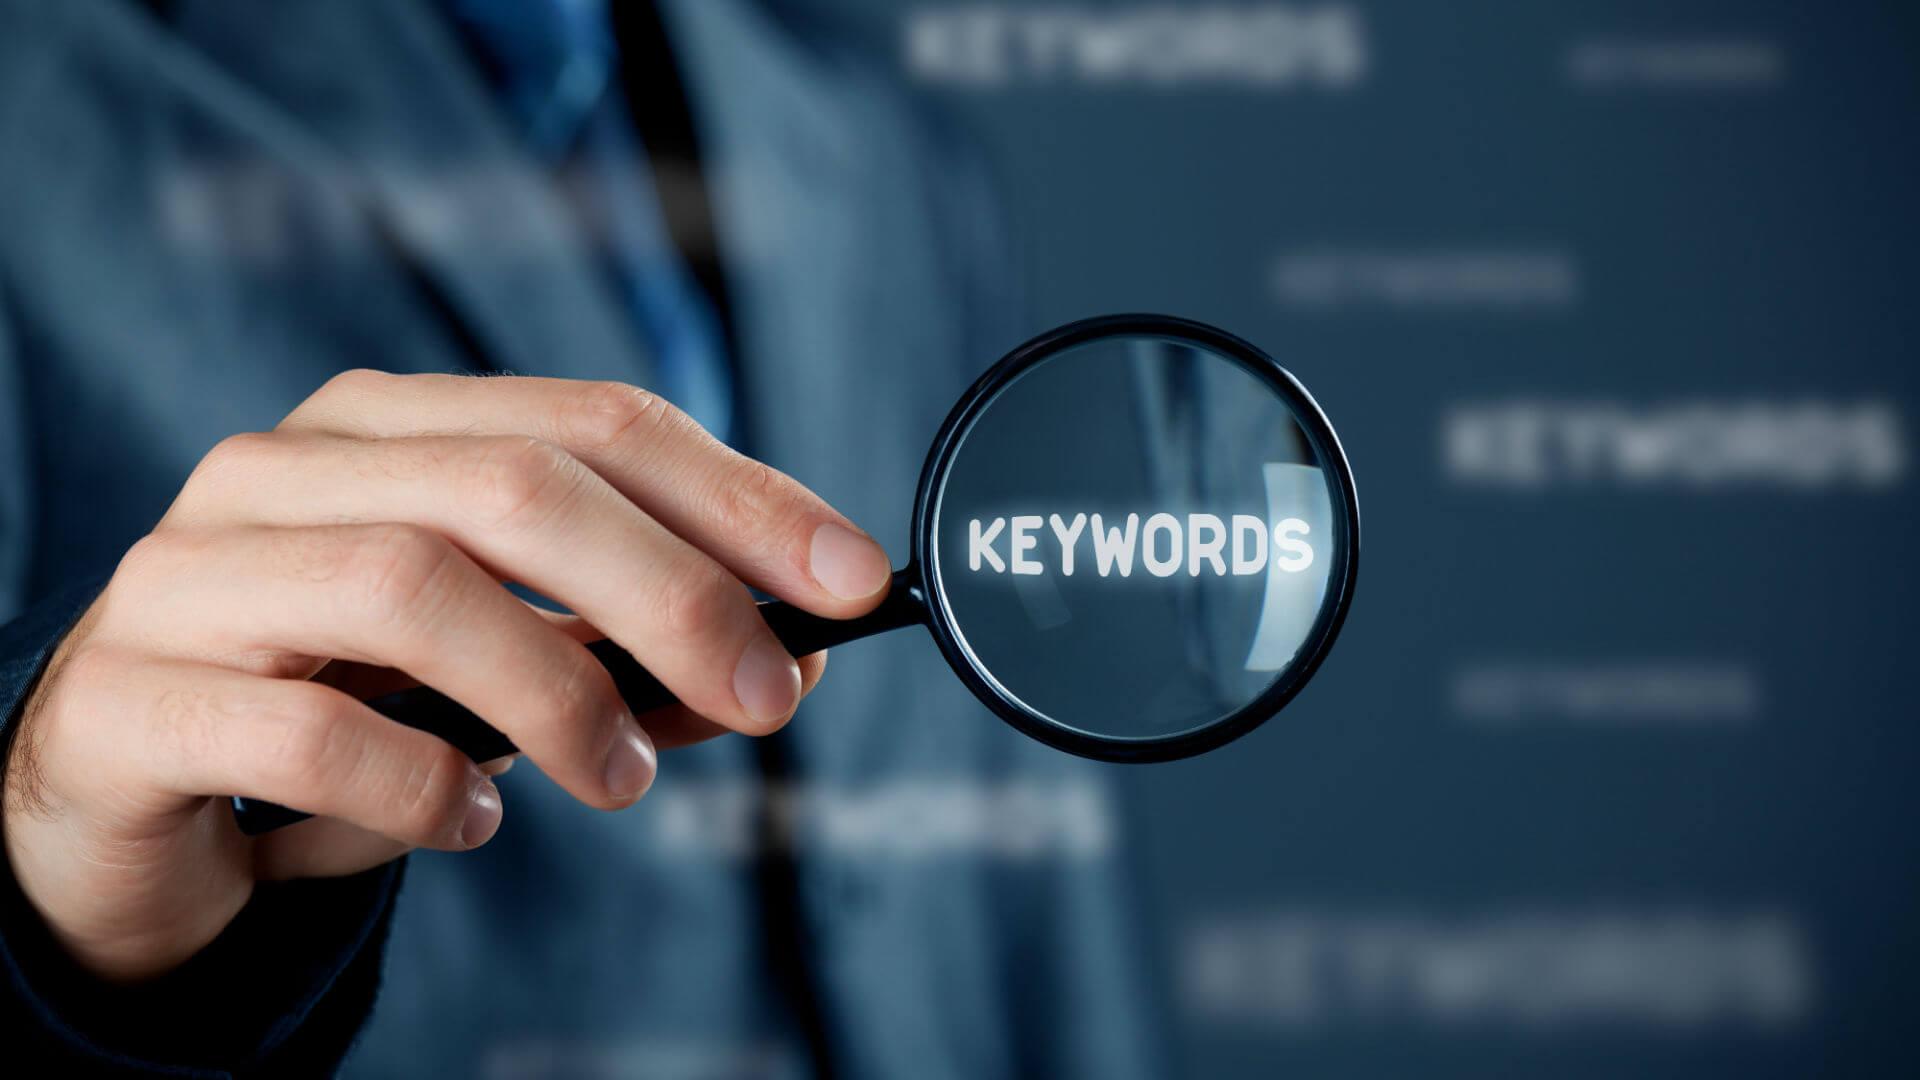 La actualización del Planificador de palabras clave de AdWords parece estar implementada en la nueva interfaz